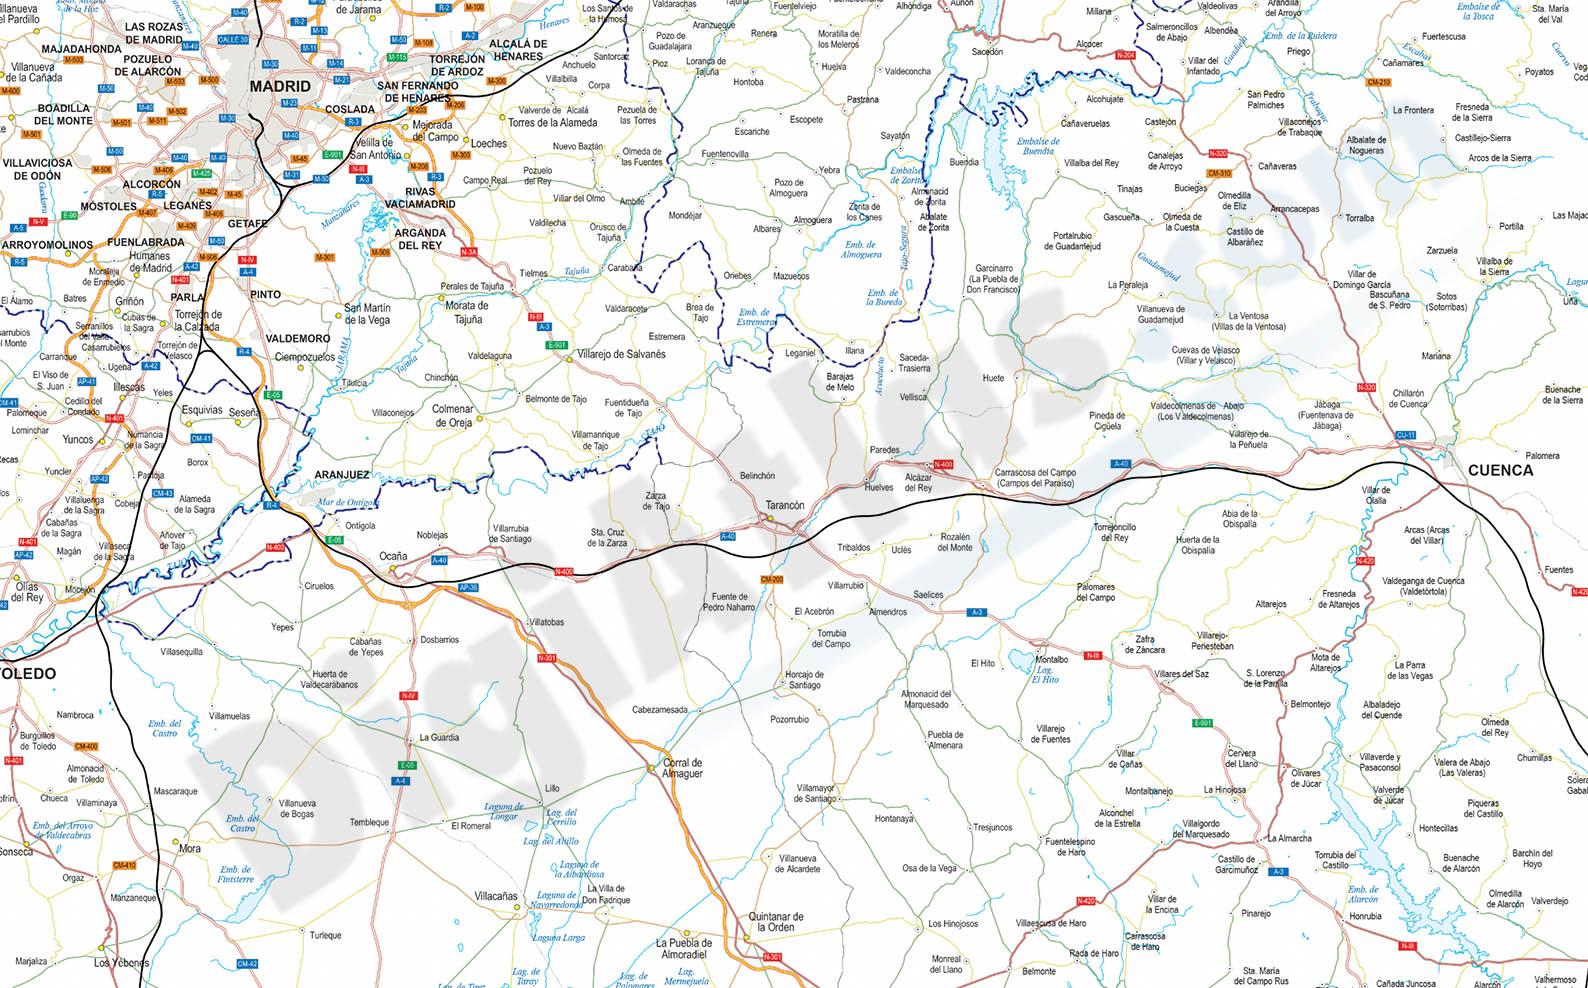 Mapa detallado de carreteras de espaa y portugal